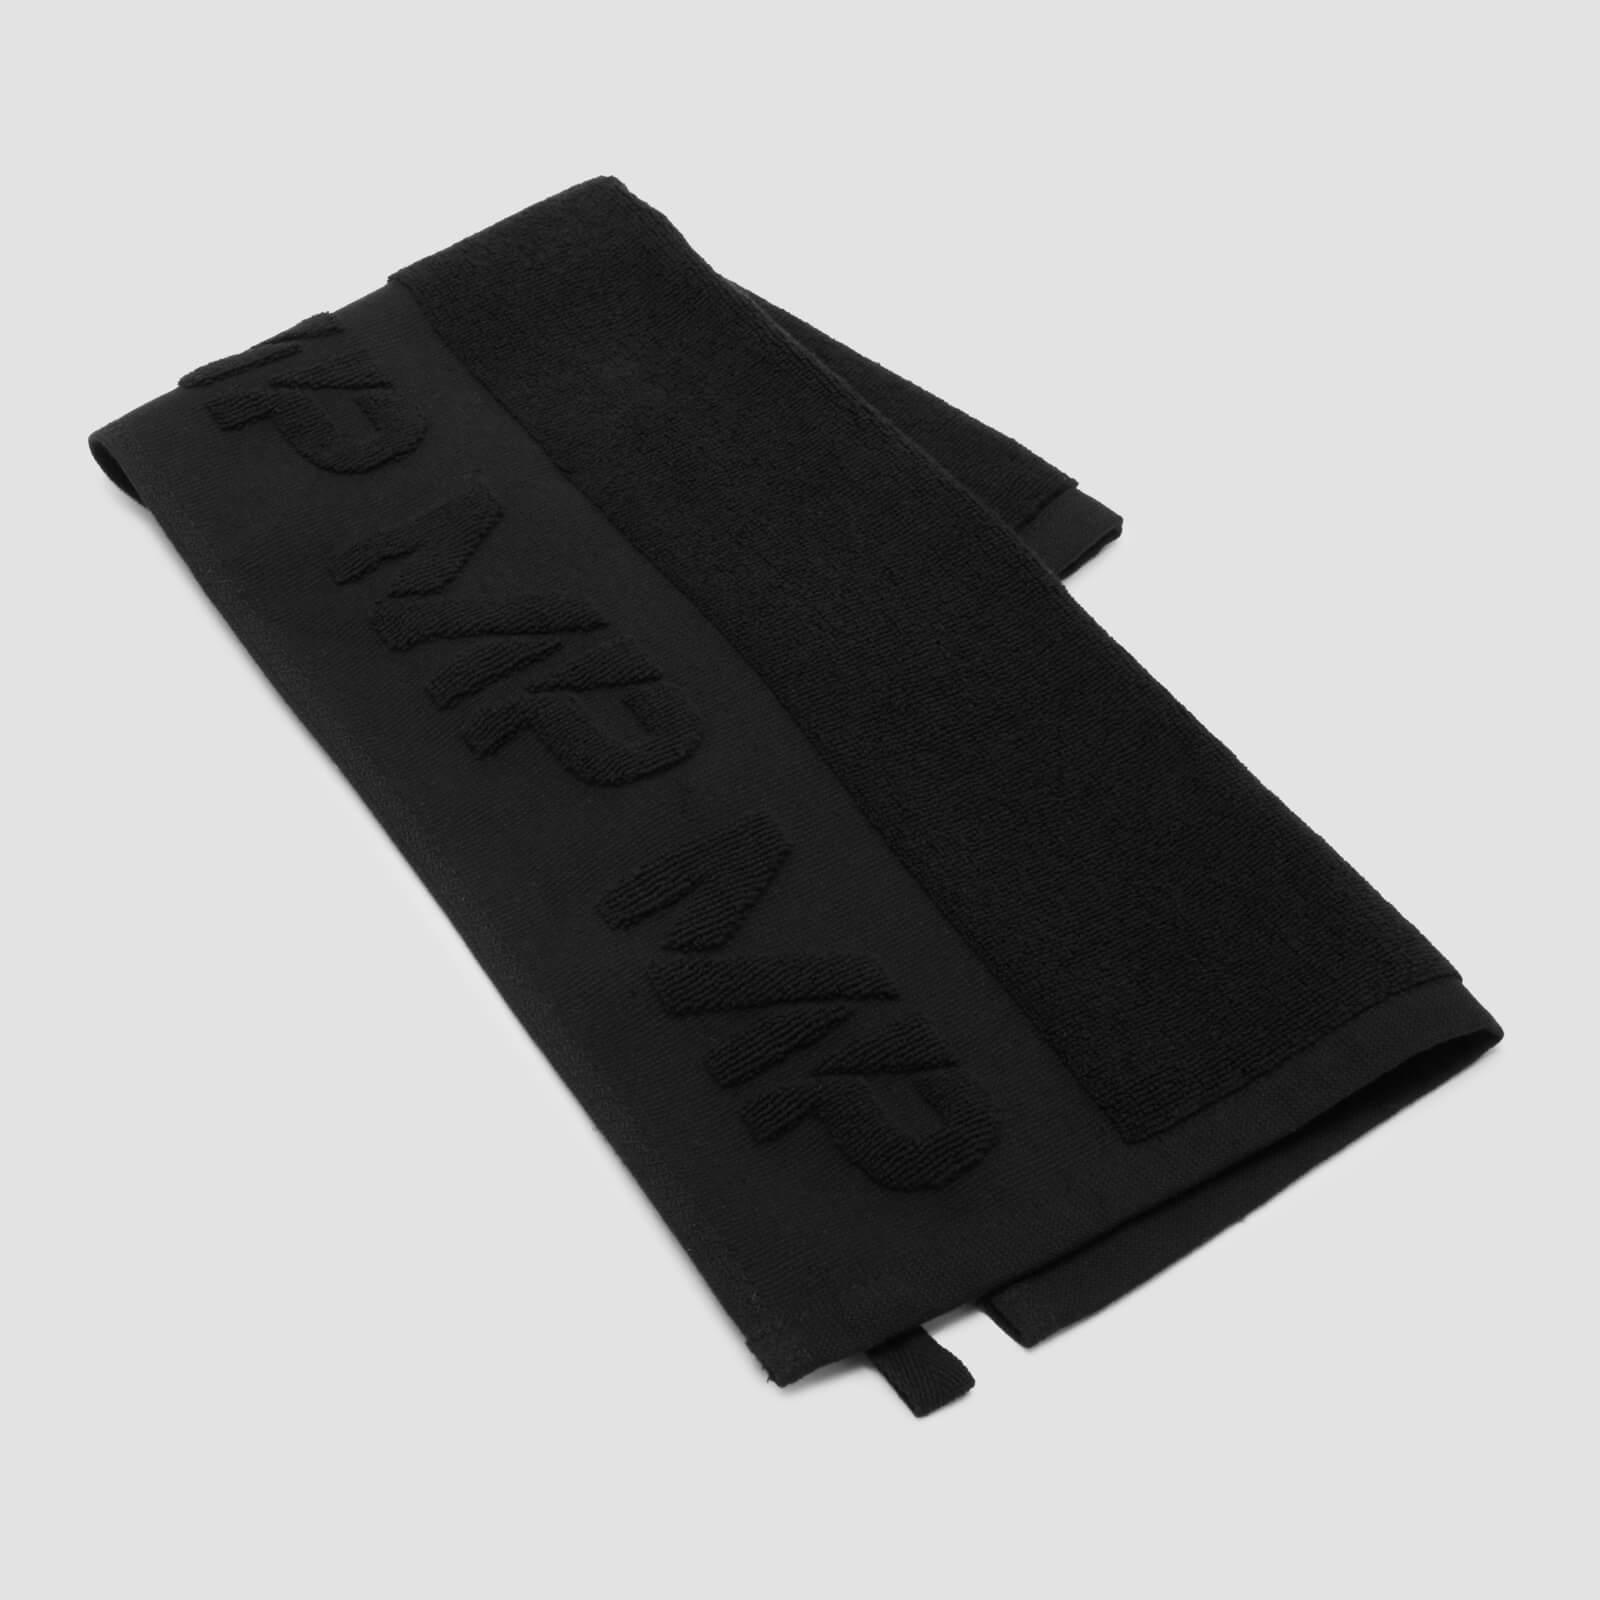 Myprotein MP Essentials Hand Towel - Black